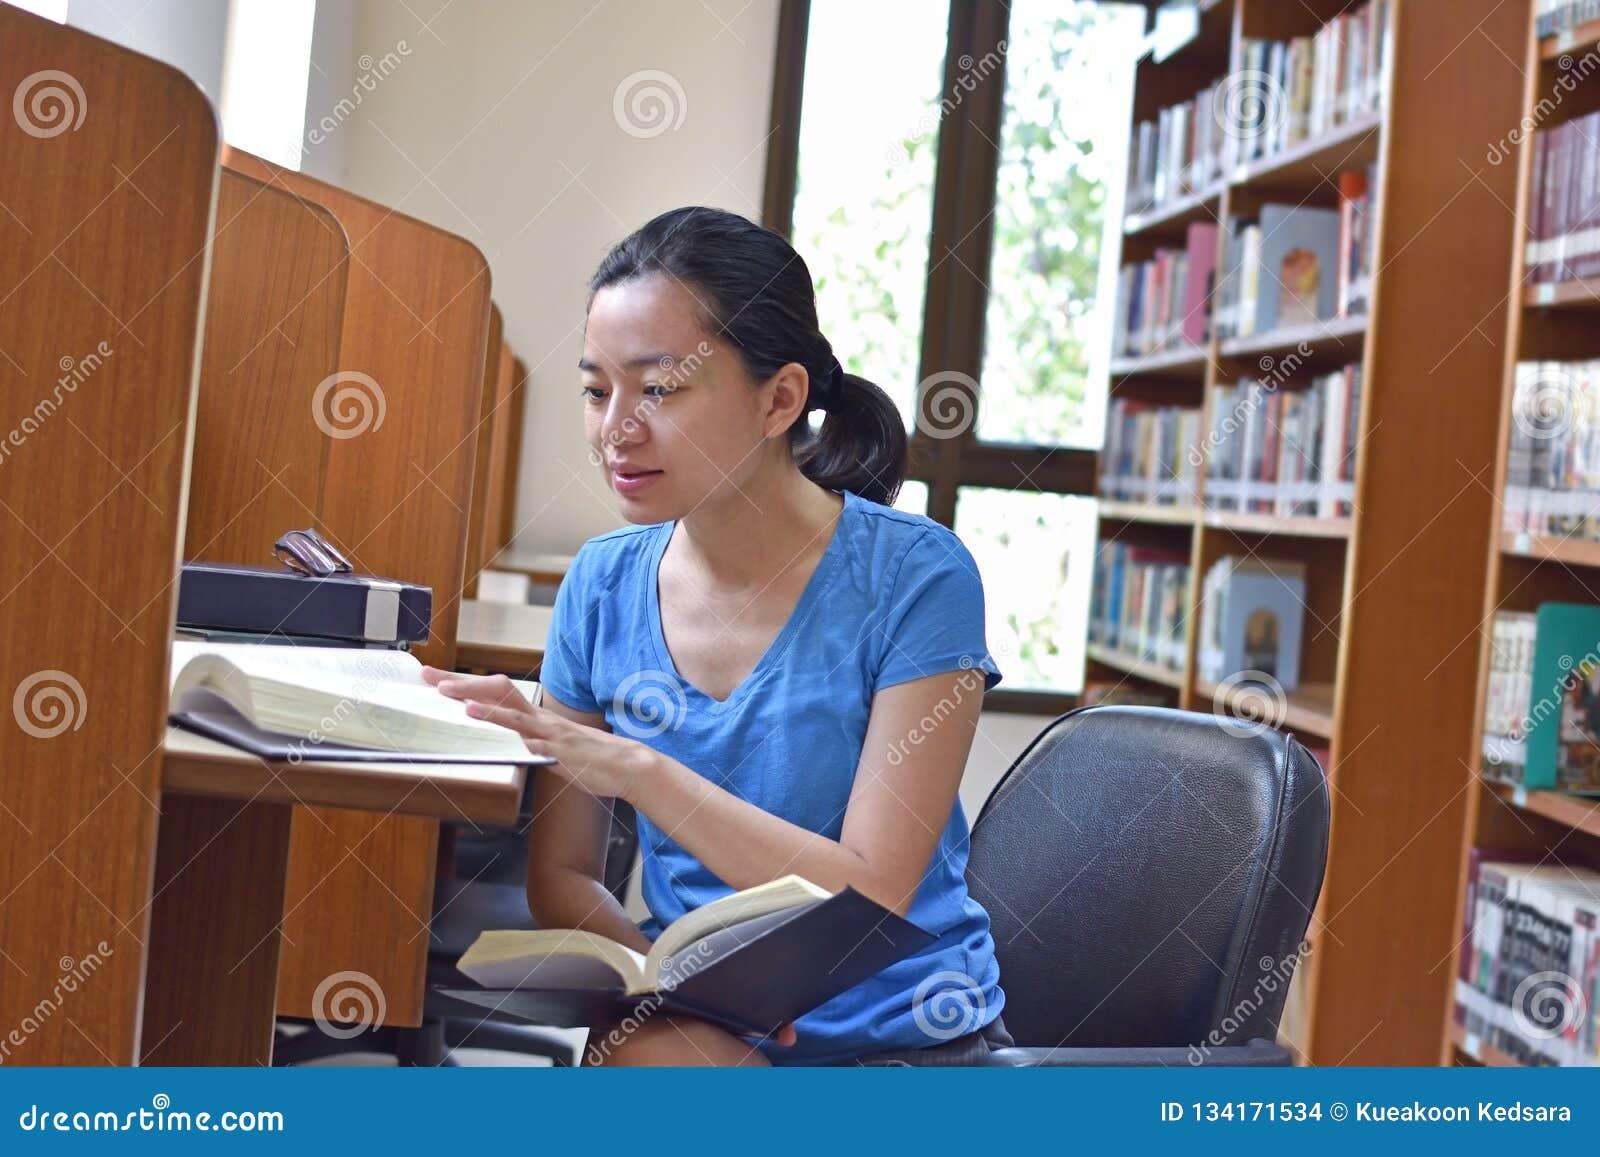 做研究和看书的亚裔妇女在图书馆里